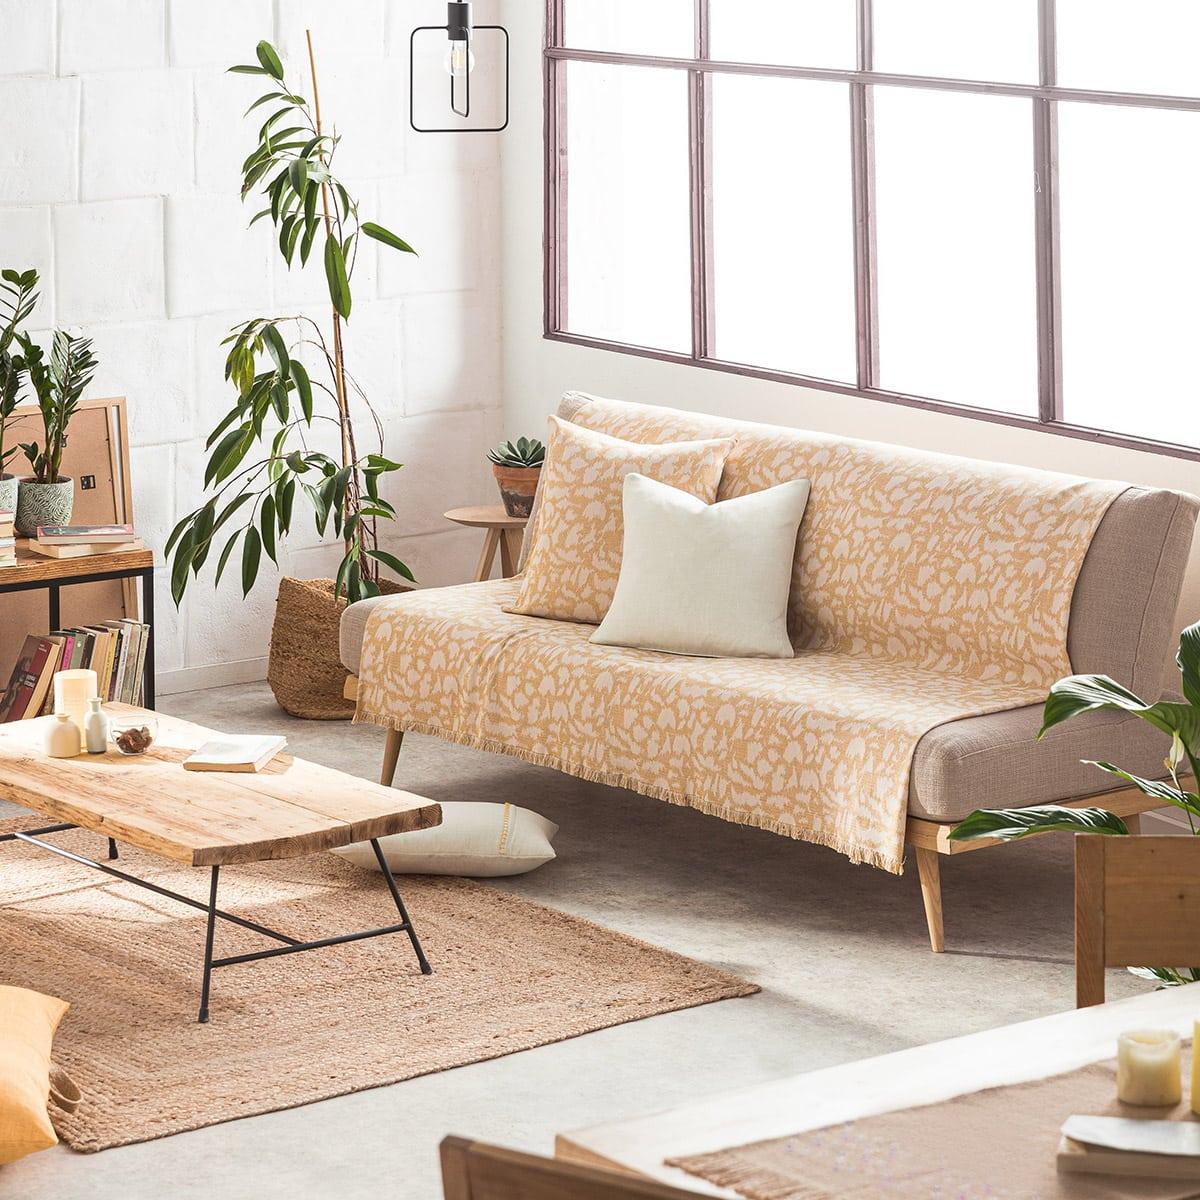 Ριχτάρι Simone 458/04 Mustard Gofis Home Τετραθέσιο 180x350cm